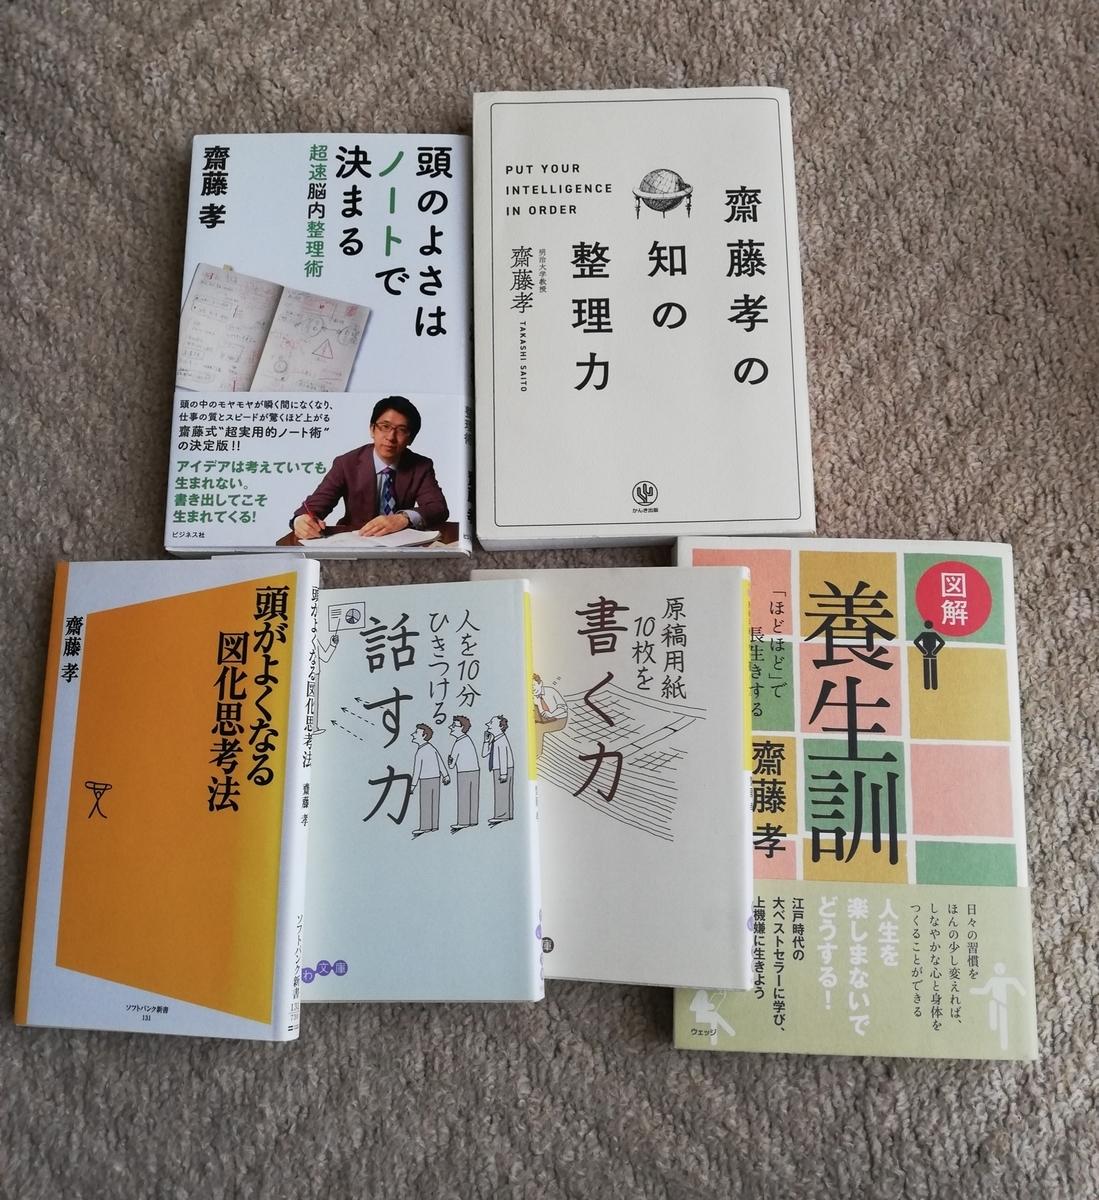 f:id:harikyu-takahashi:20200212151817j:plain